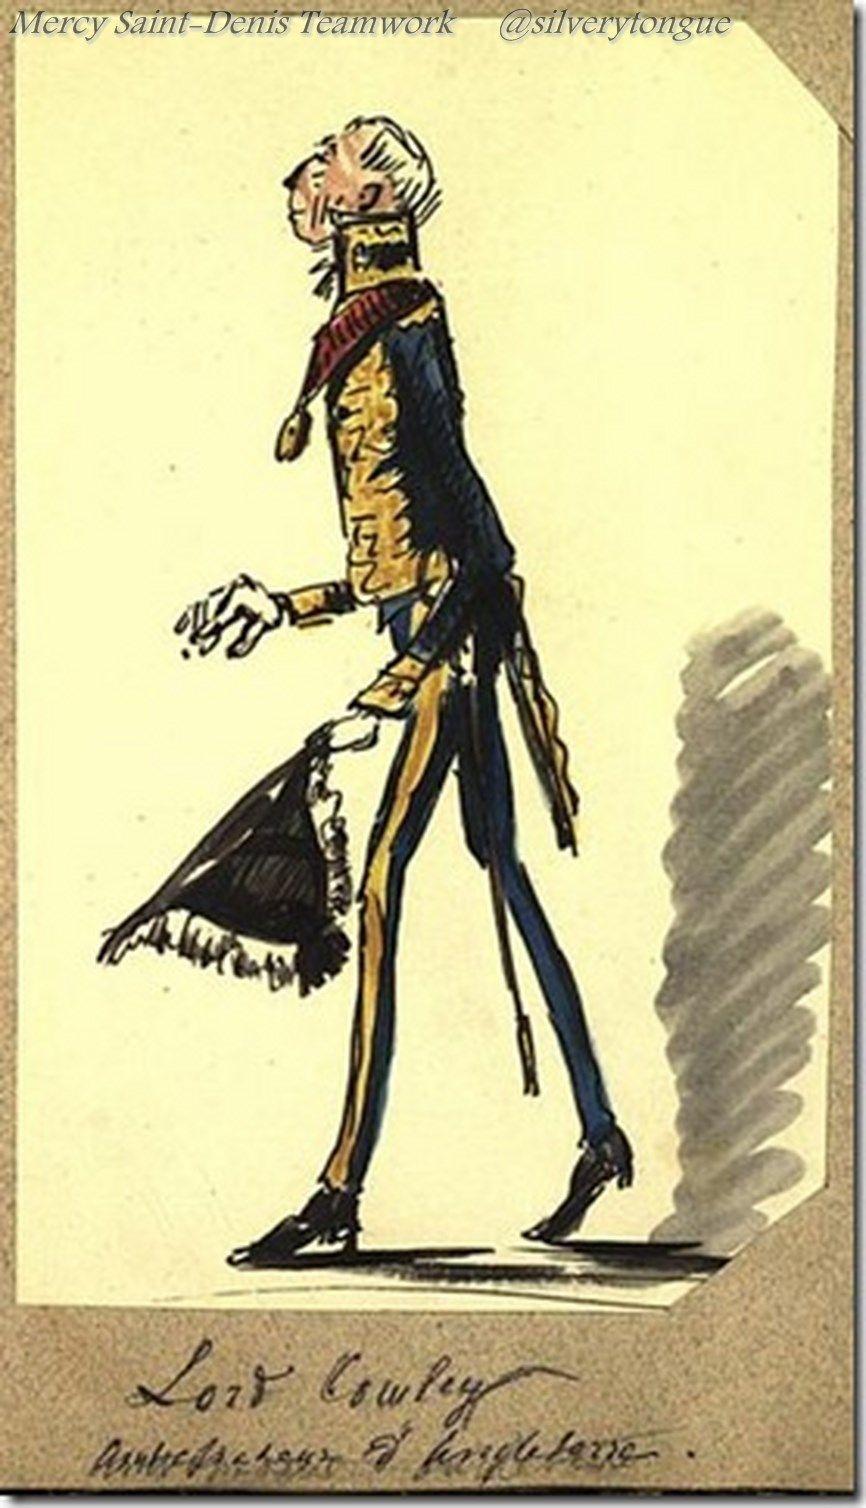 Lord Cowley (1804-1884), plénipotentiaire au congrès de Paris et ambassadeur d'Angleterre en France.